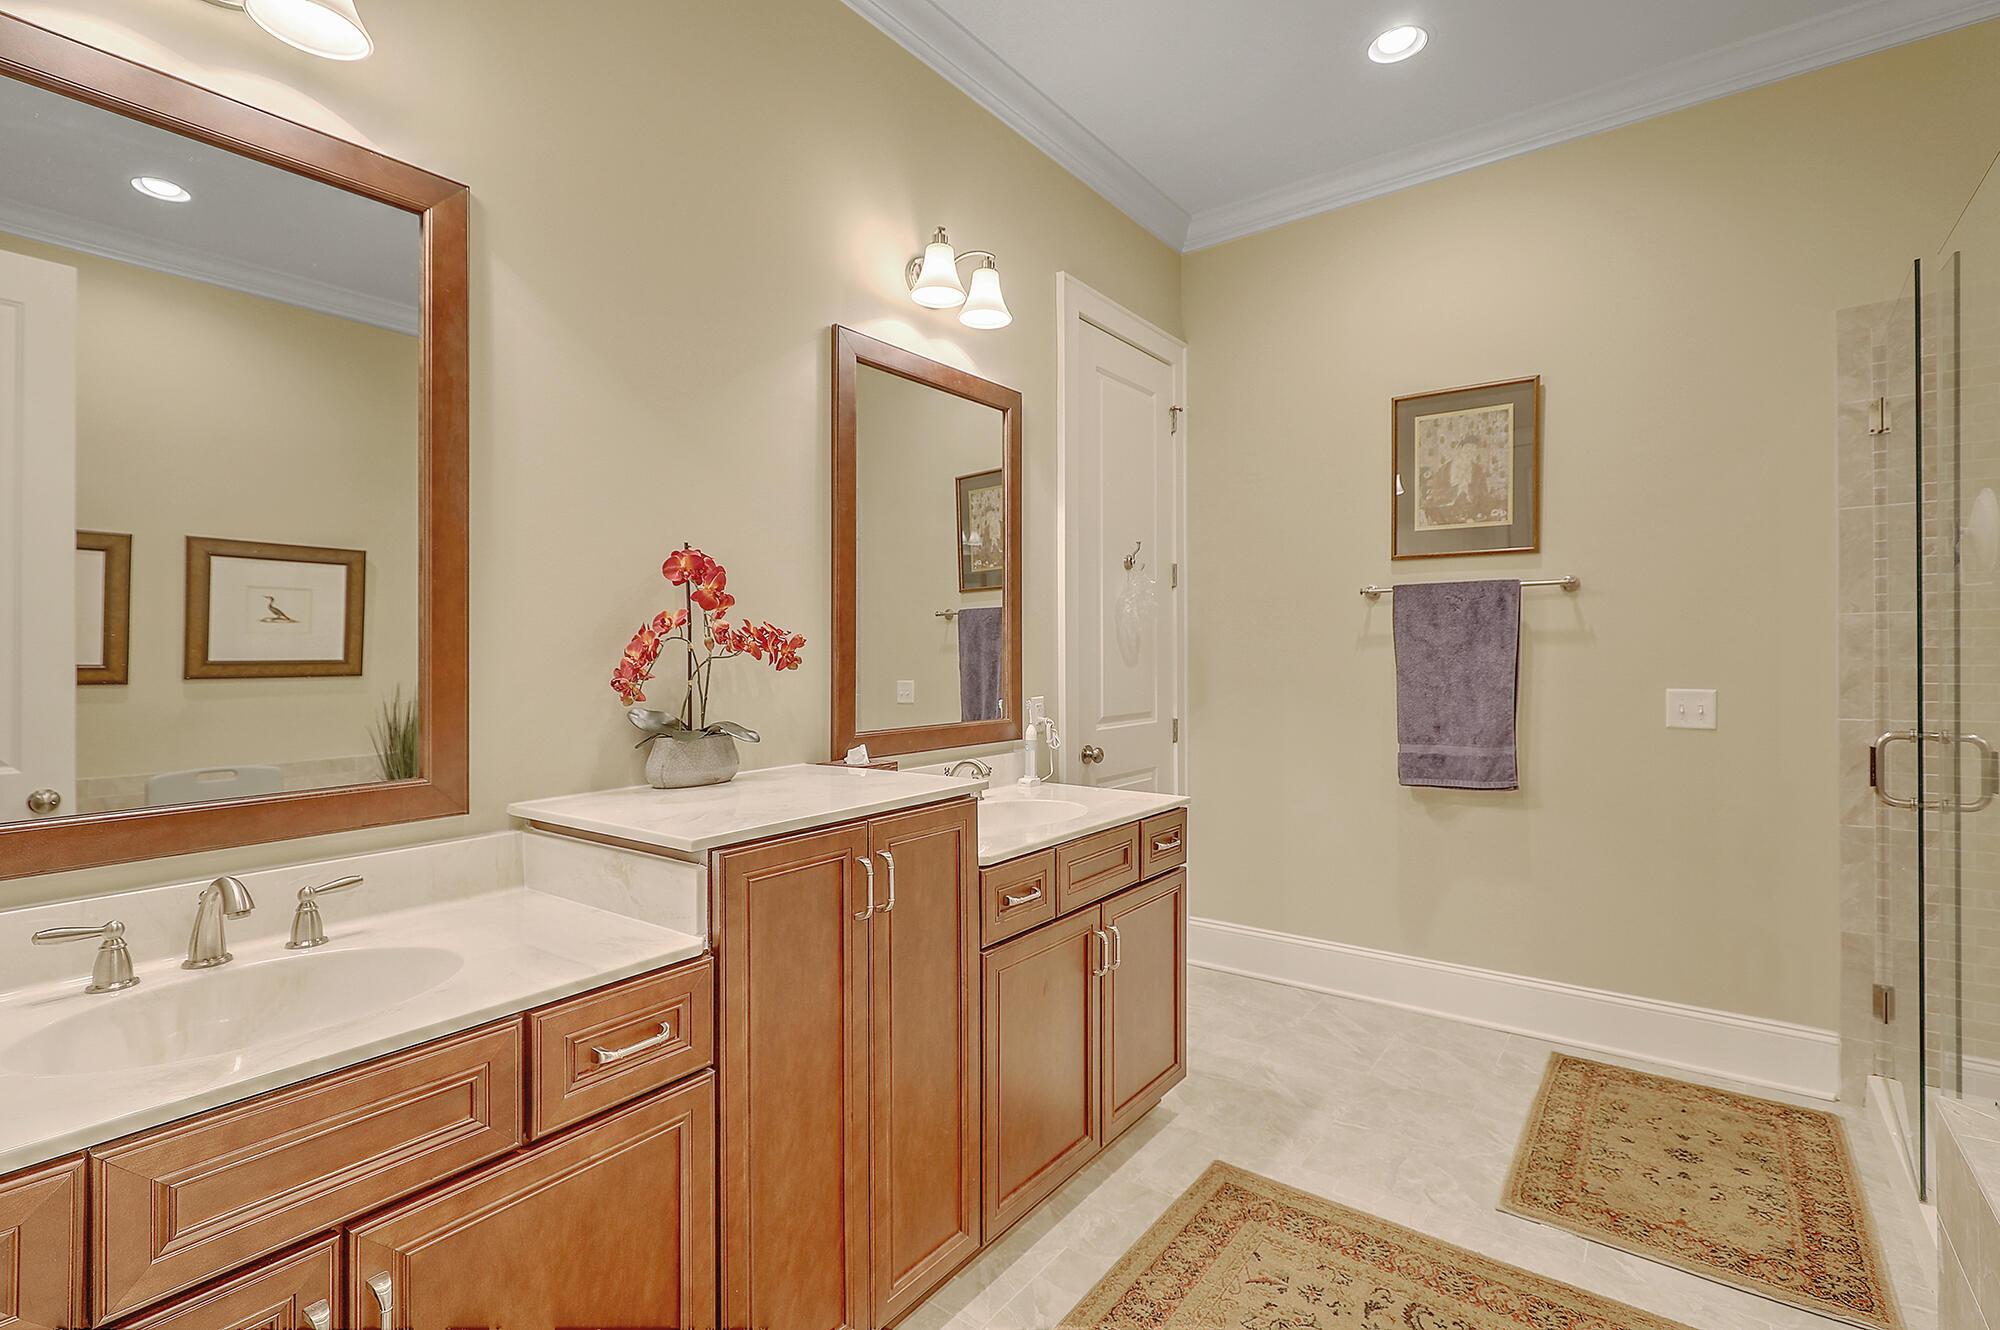 Dunes West Homes For Sale - 3171 Sturbridge, Mount Pleasant, SC - 50